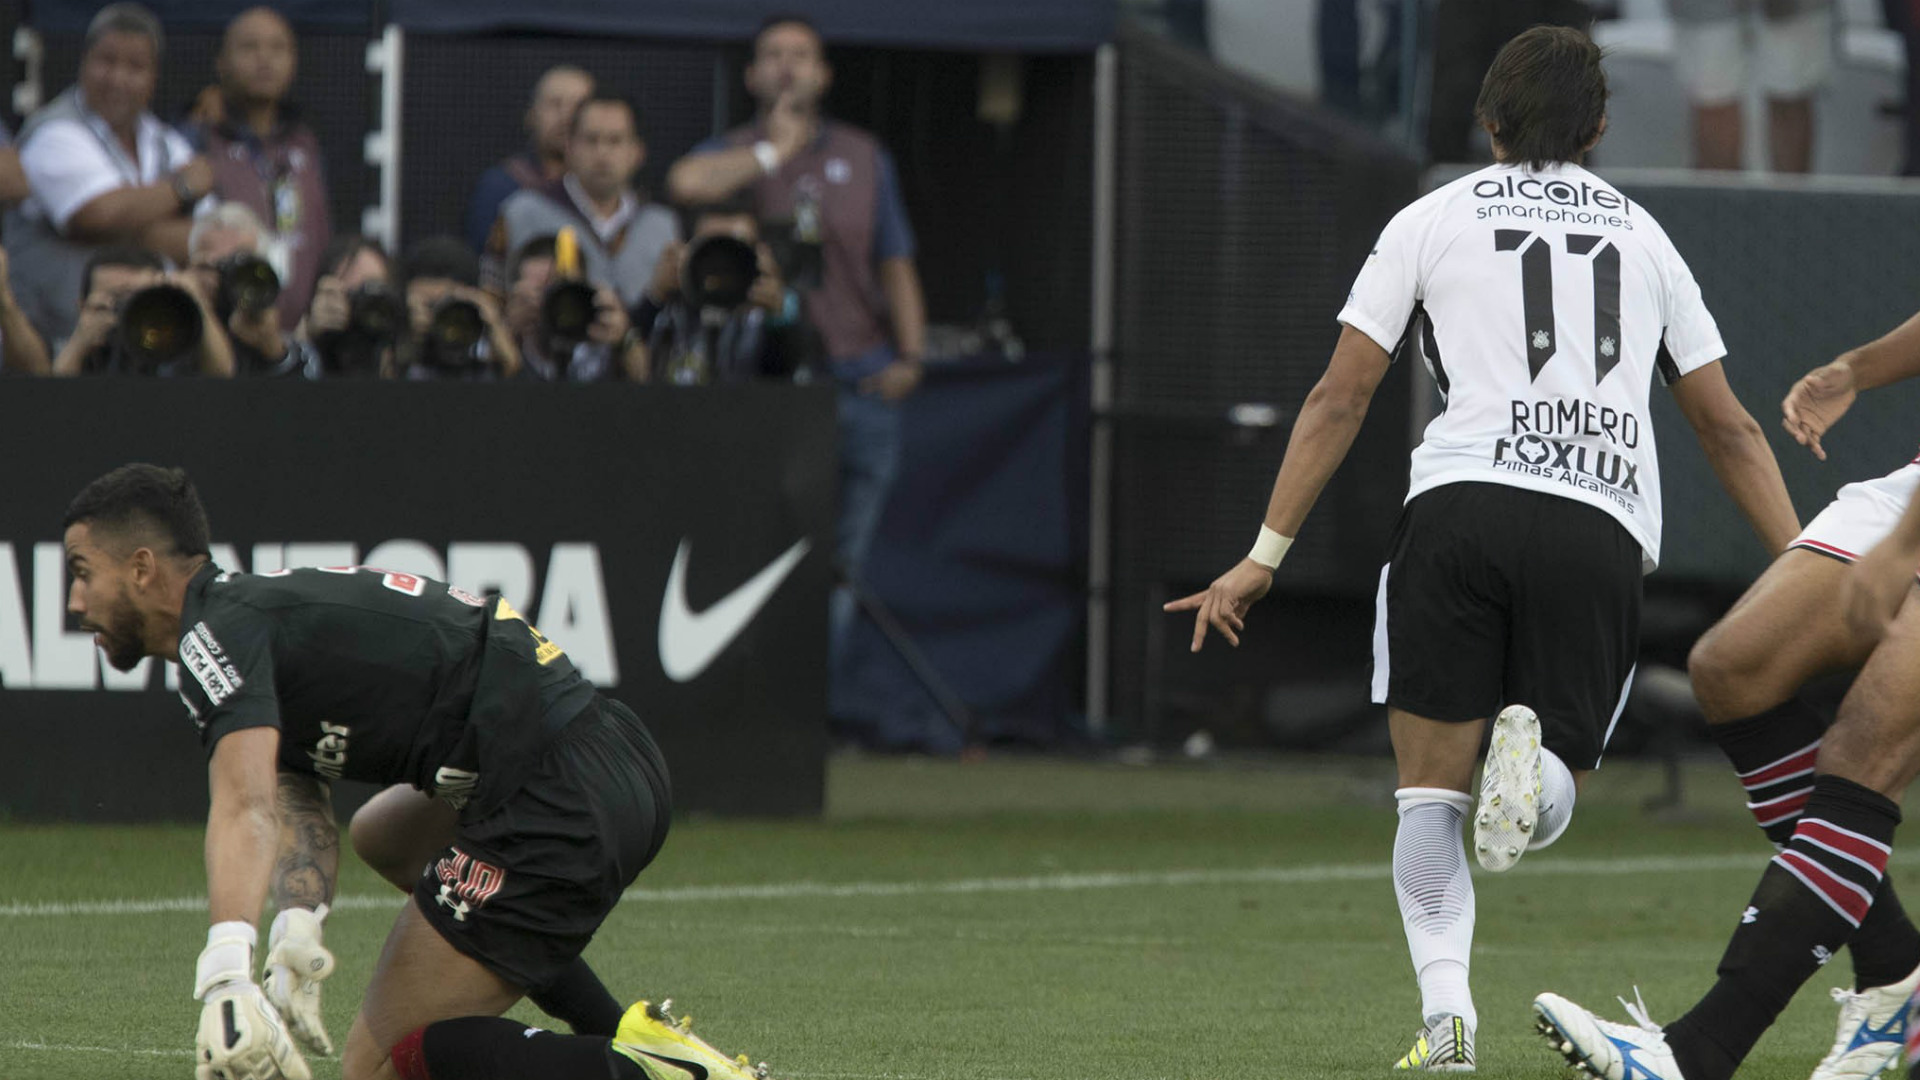 Carille pede 'melhoras' no Corinthians e justifica escolha de Kazim como titular